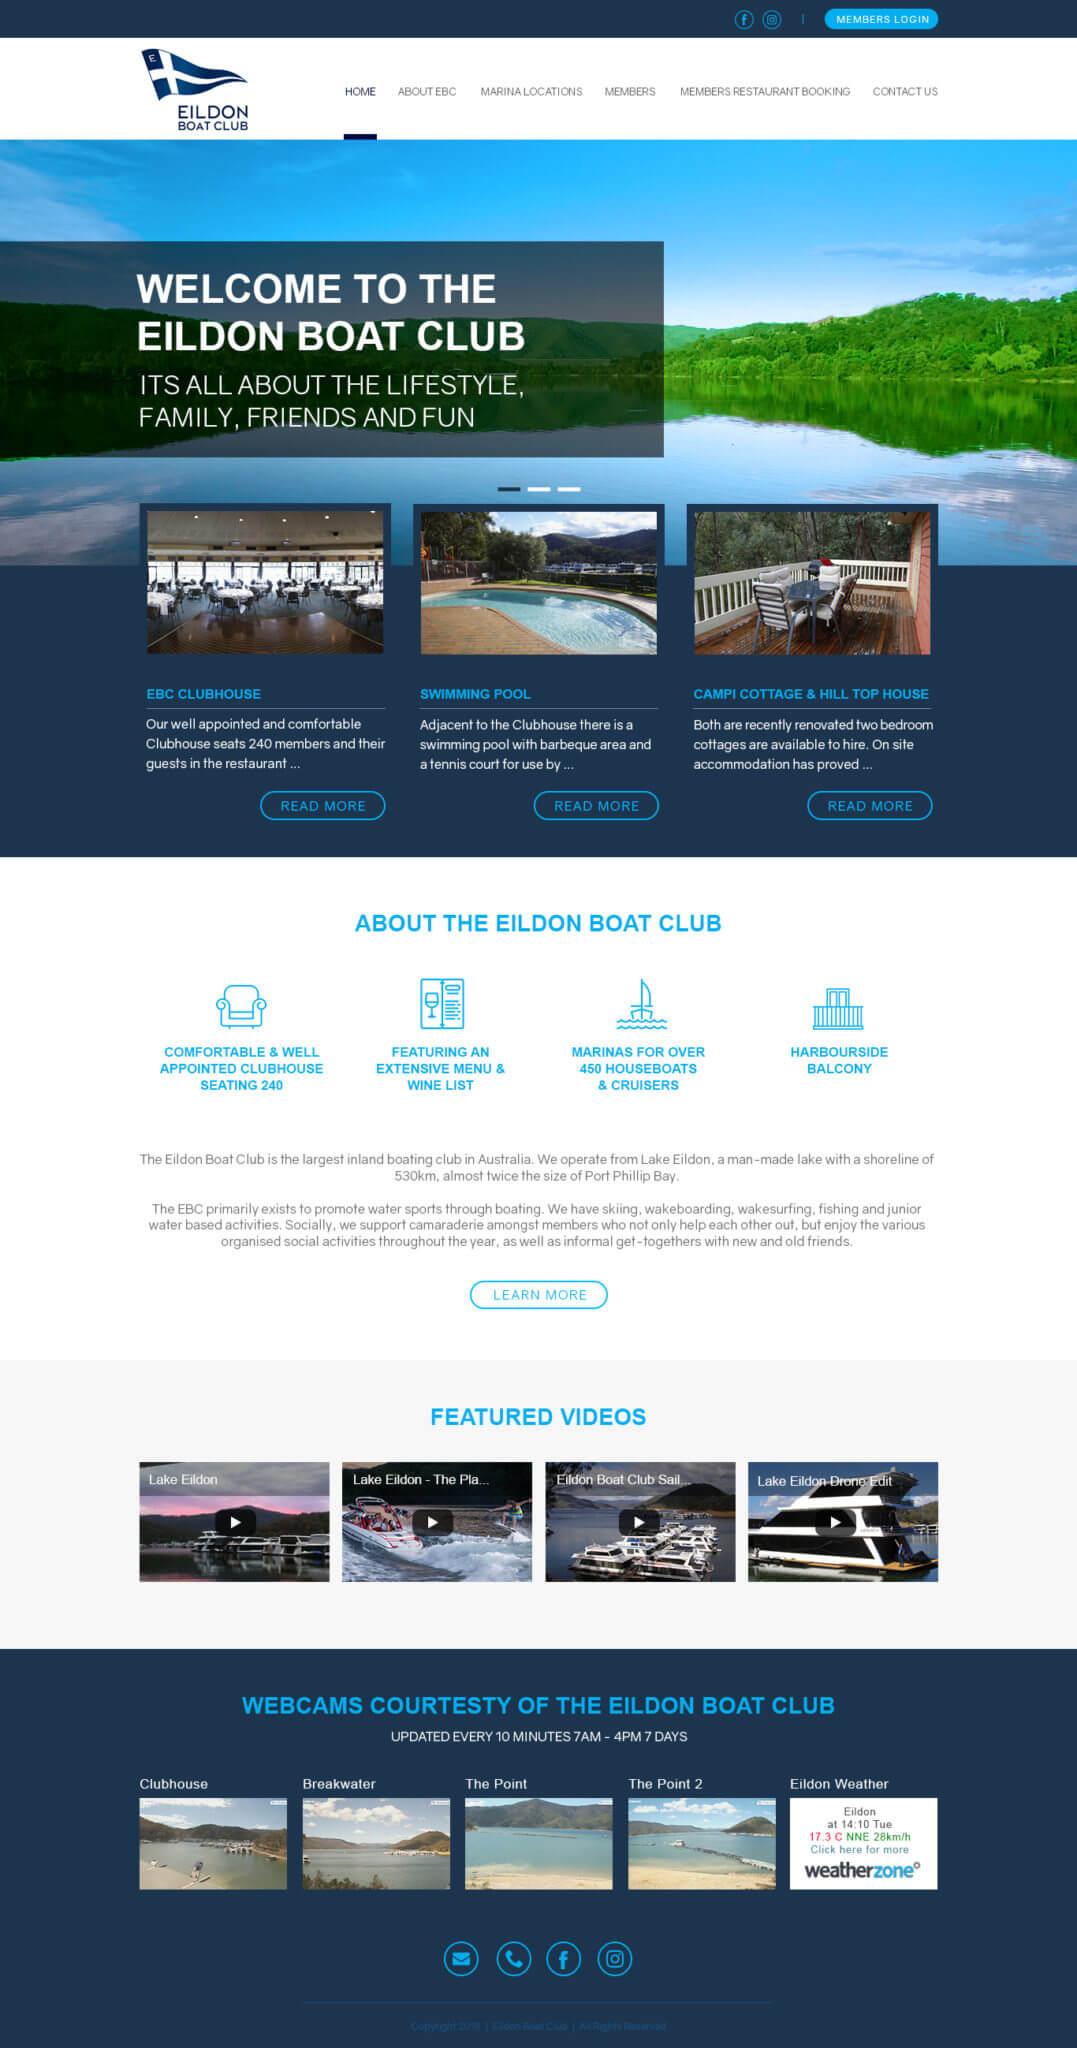 eildon-boat-club-homepage-mockup